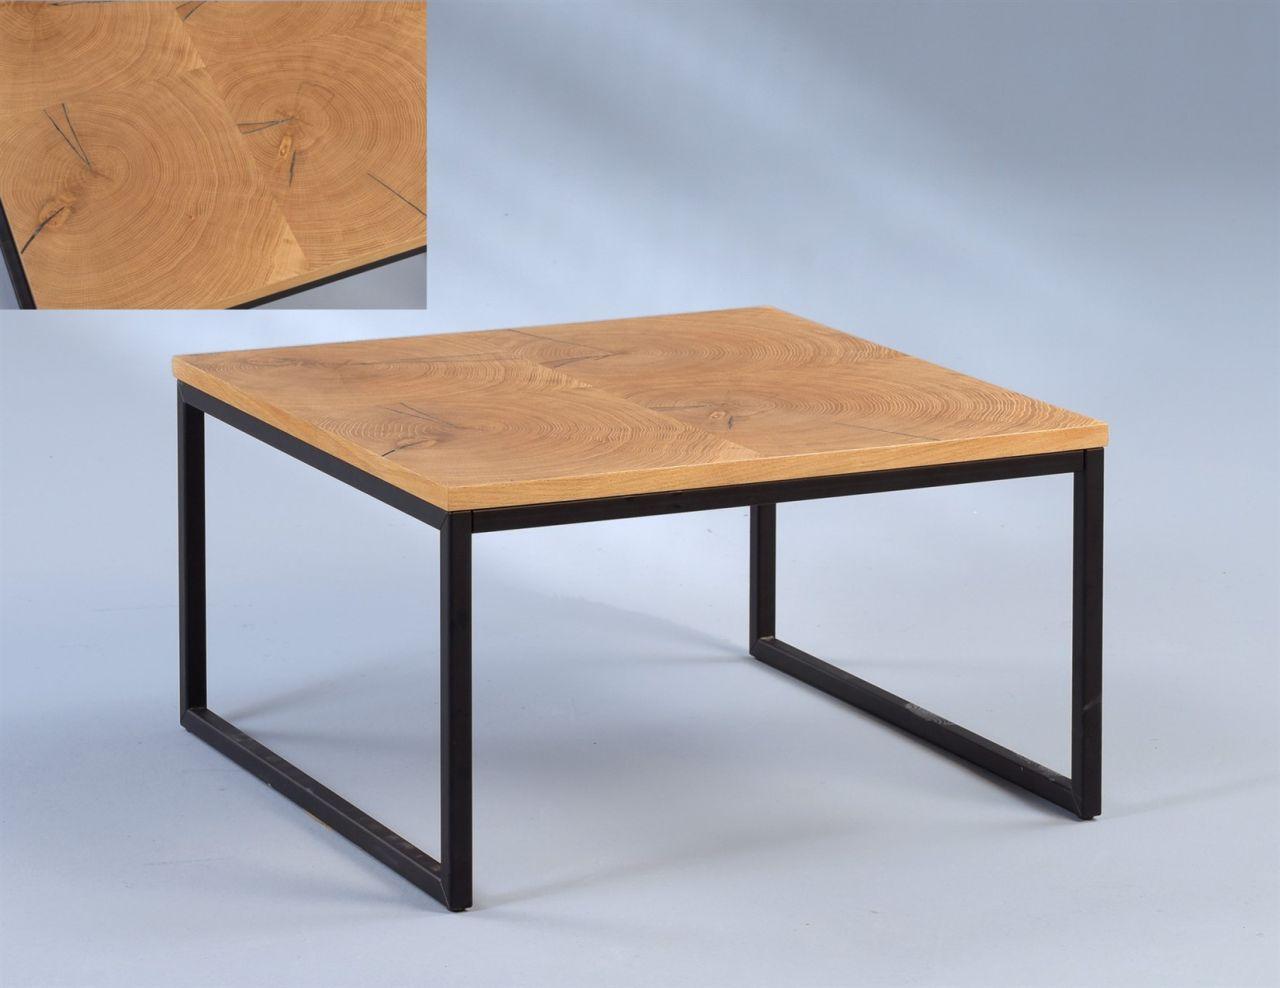 Couchtisch Beistelltisch Corina 60x60 Cm Baumstammprofil Massivholz